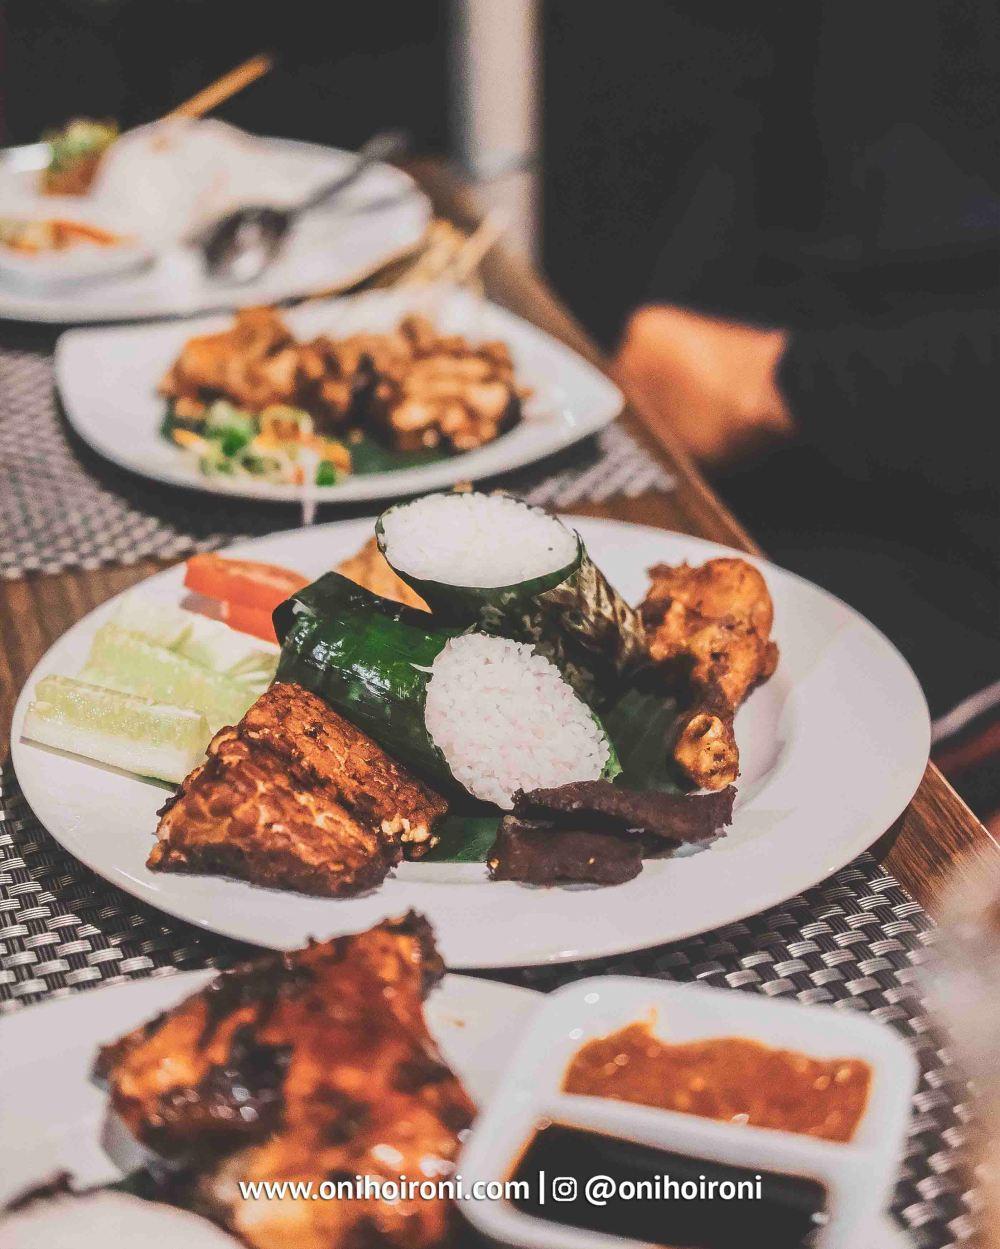 7 Food M One Hotel Sentul Bogor, Onihoironi